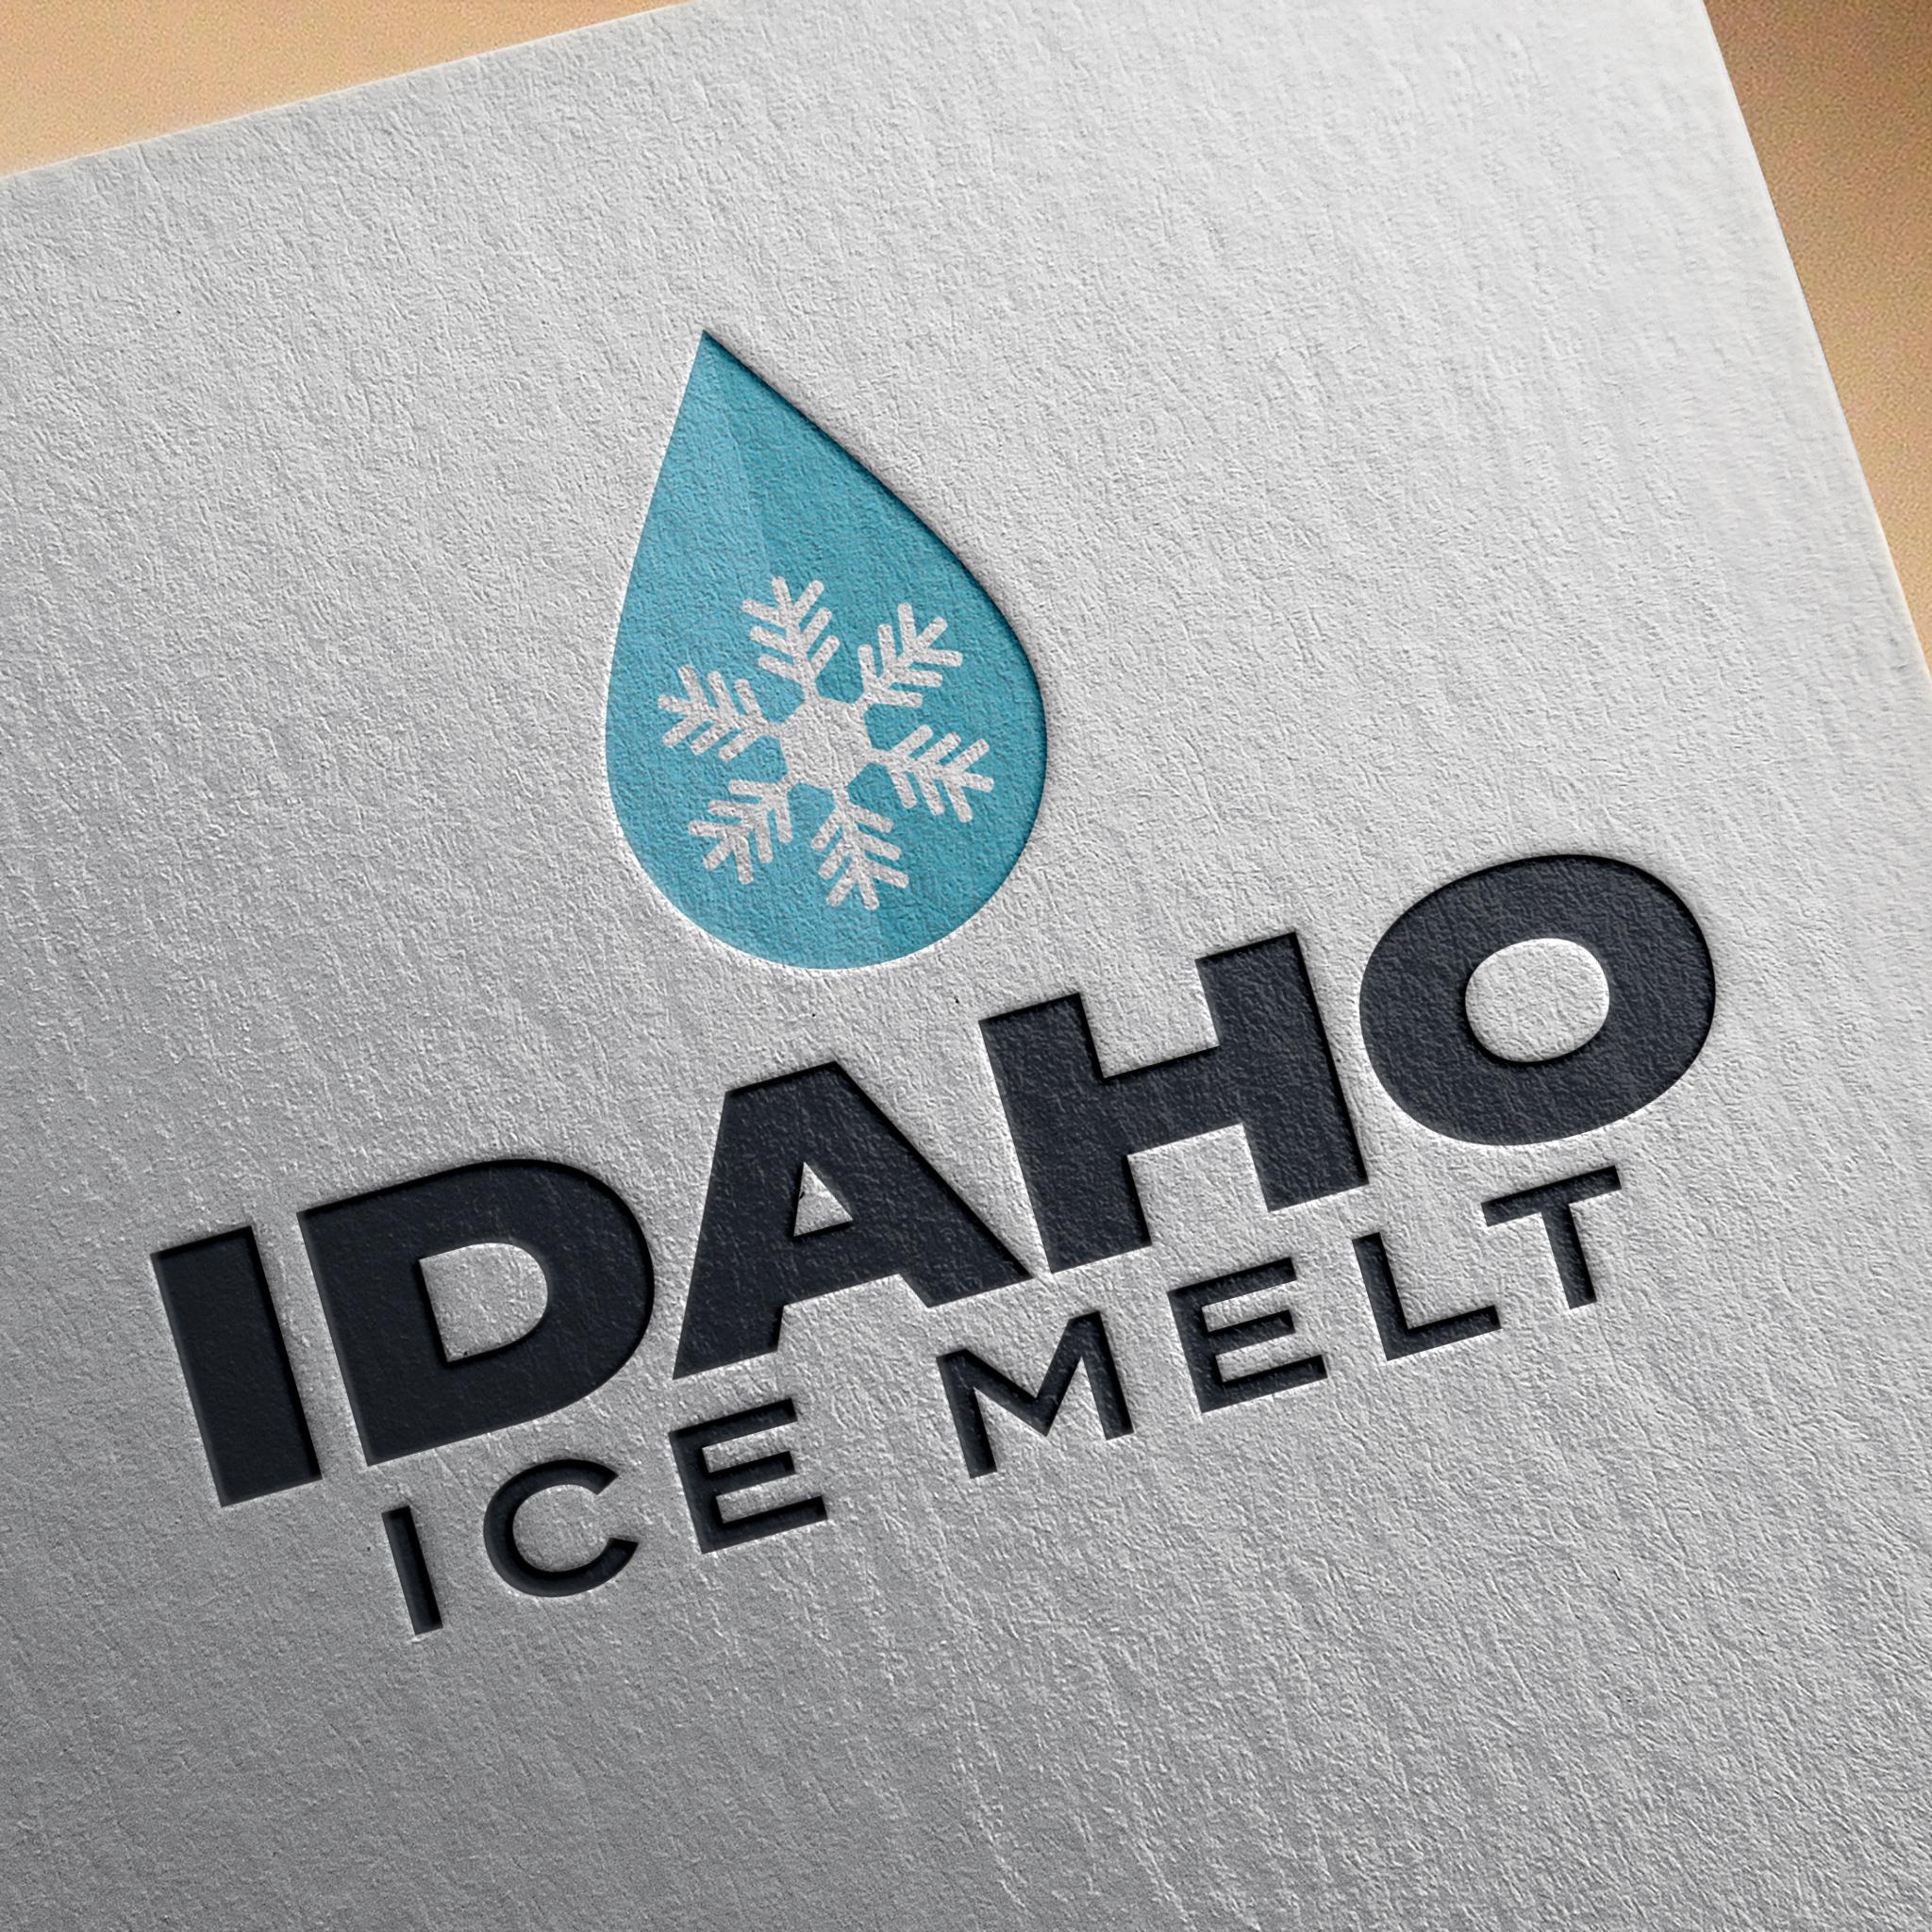 Idaho Ice Melt Logo